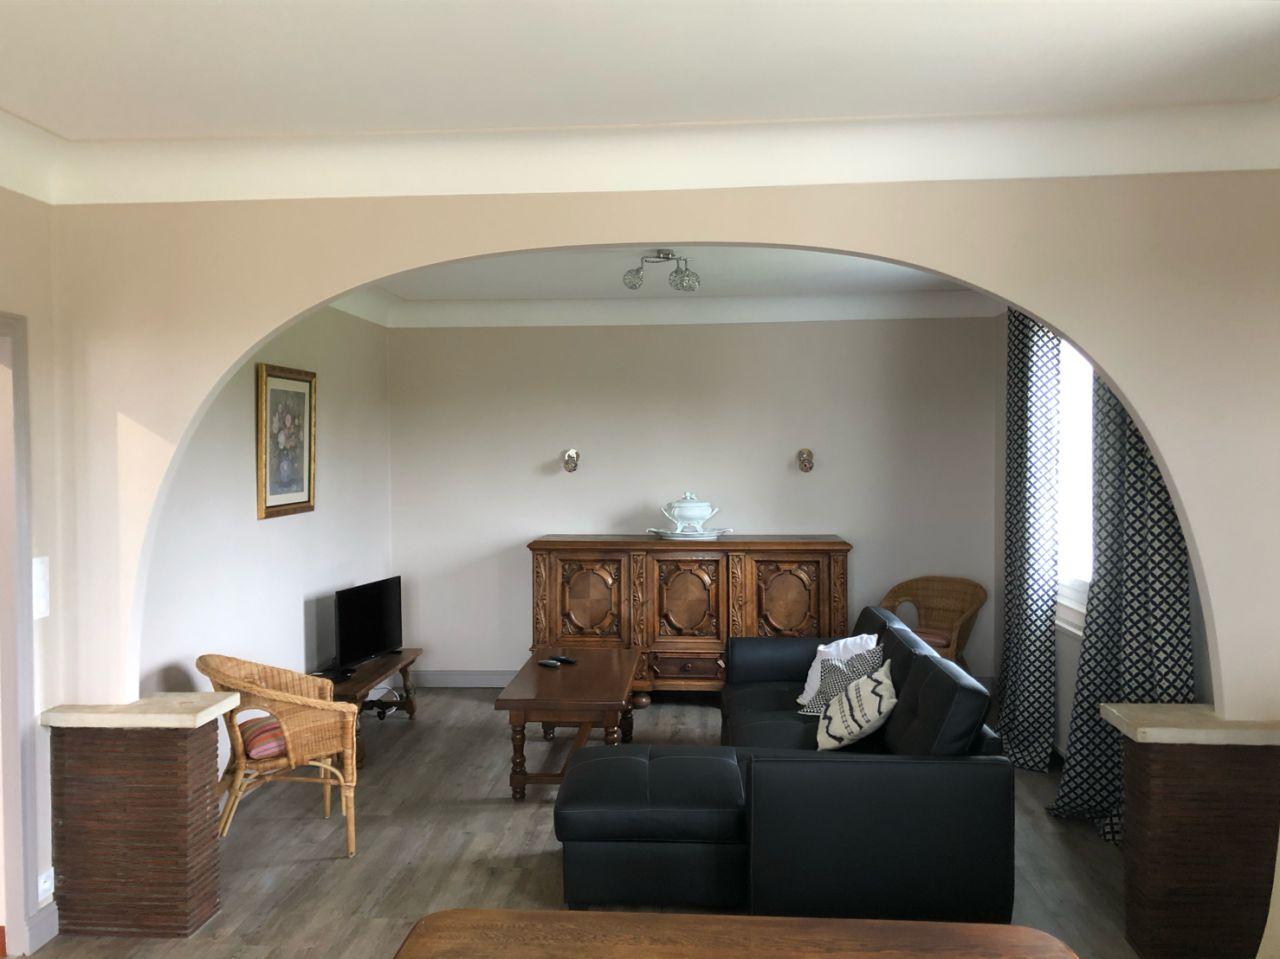 Rénovation intérieure d'une maison, nous avons réalisé la pose des sols et les peintures des murs.